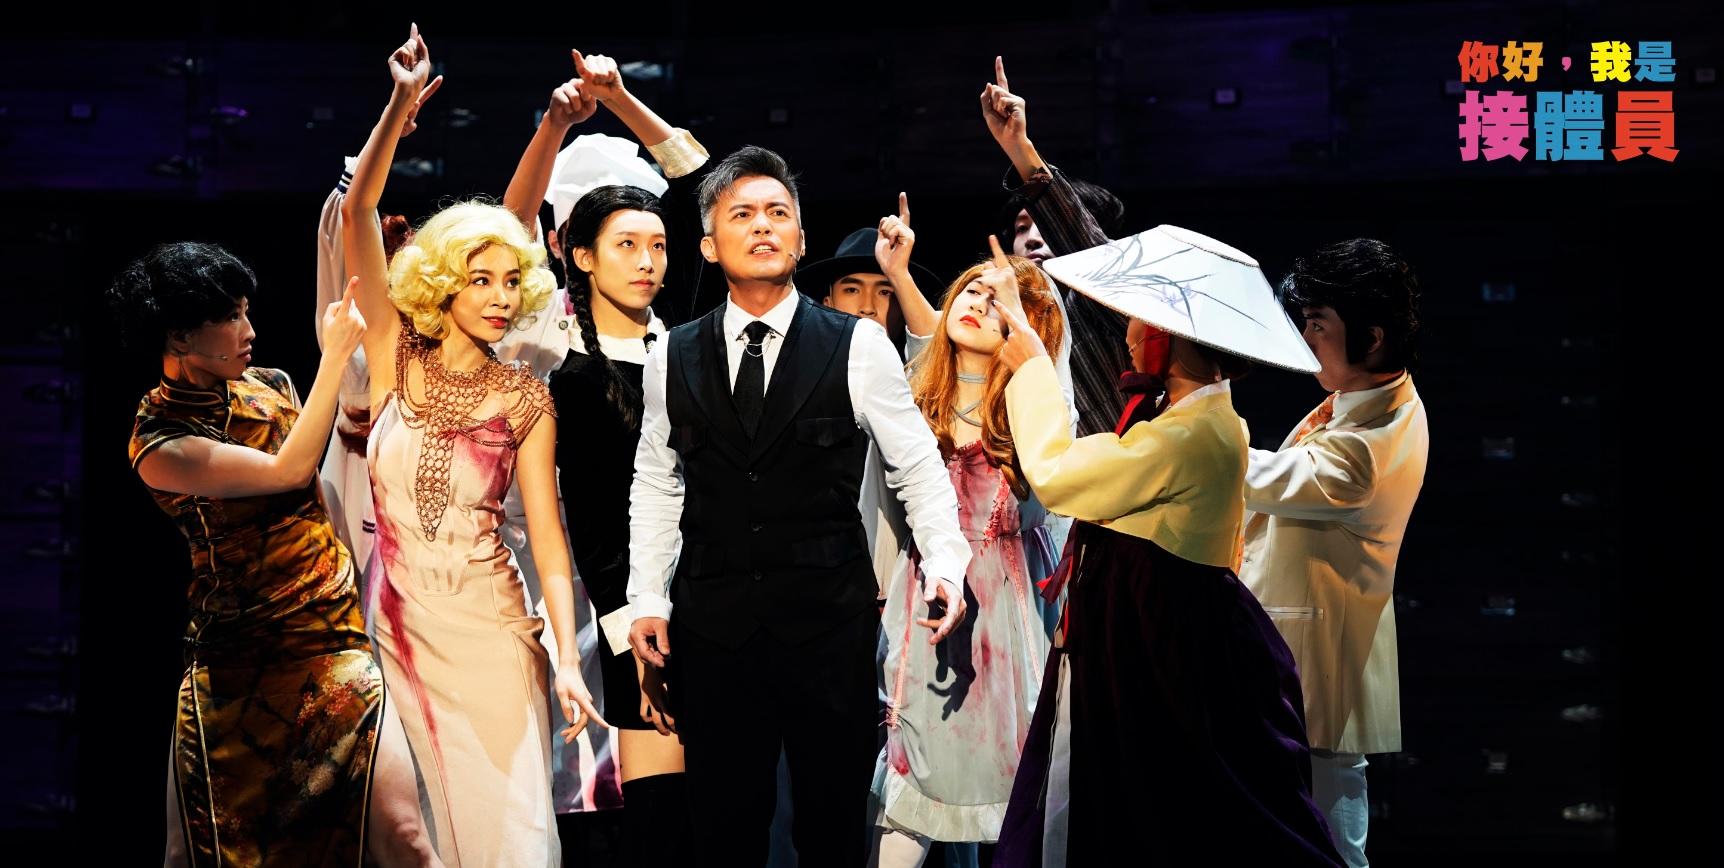 全民大劇團《你好,我是接體員》、共1張圖片